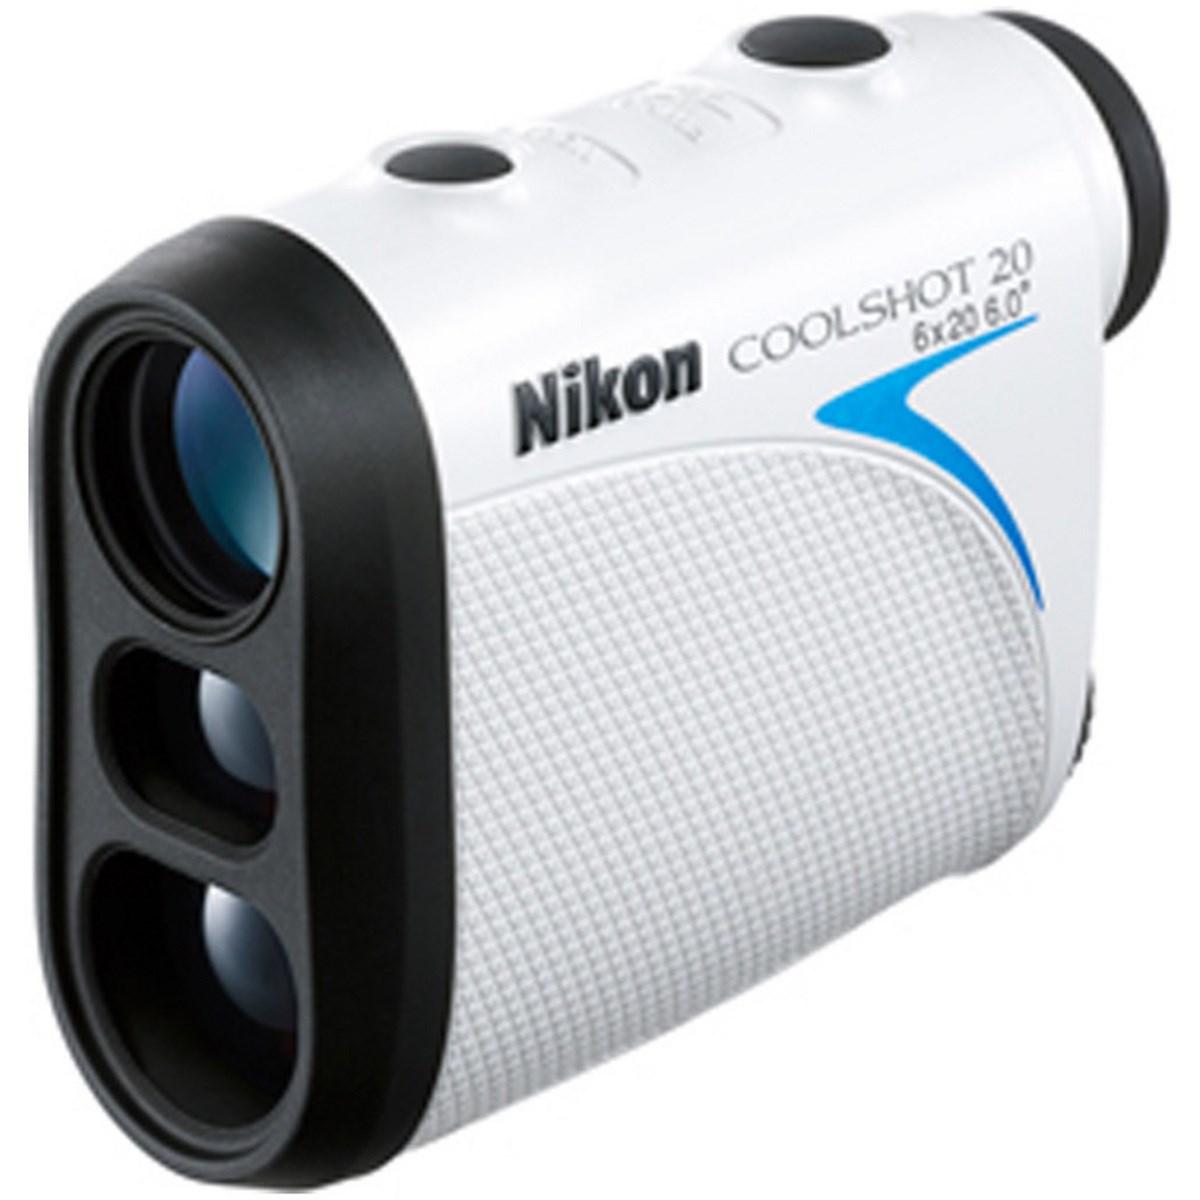 ニコン(Nikon) クールショット20 70363-1